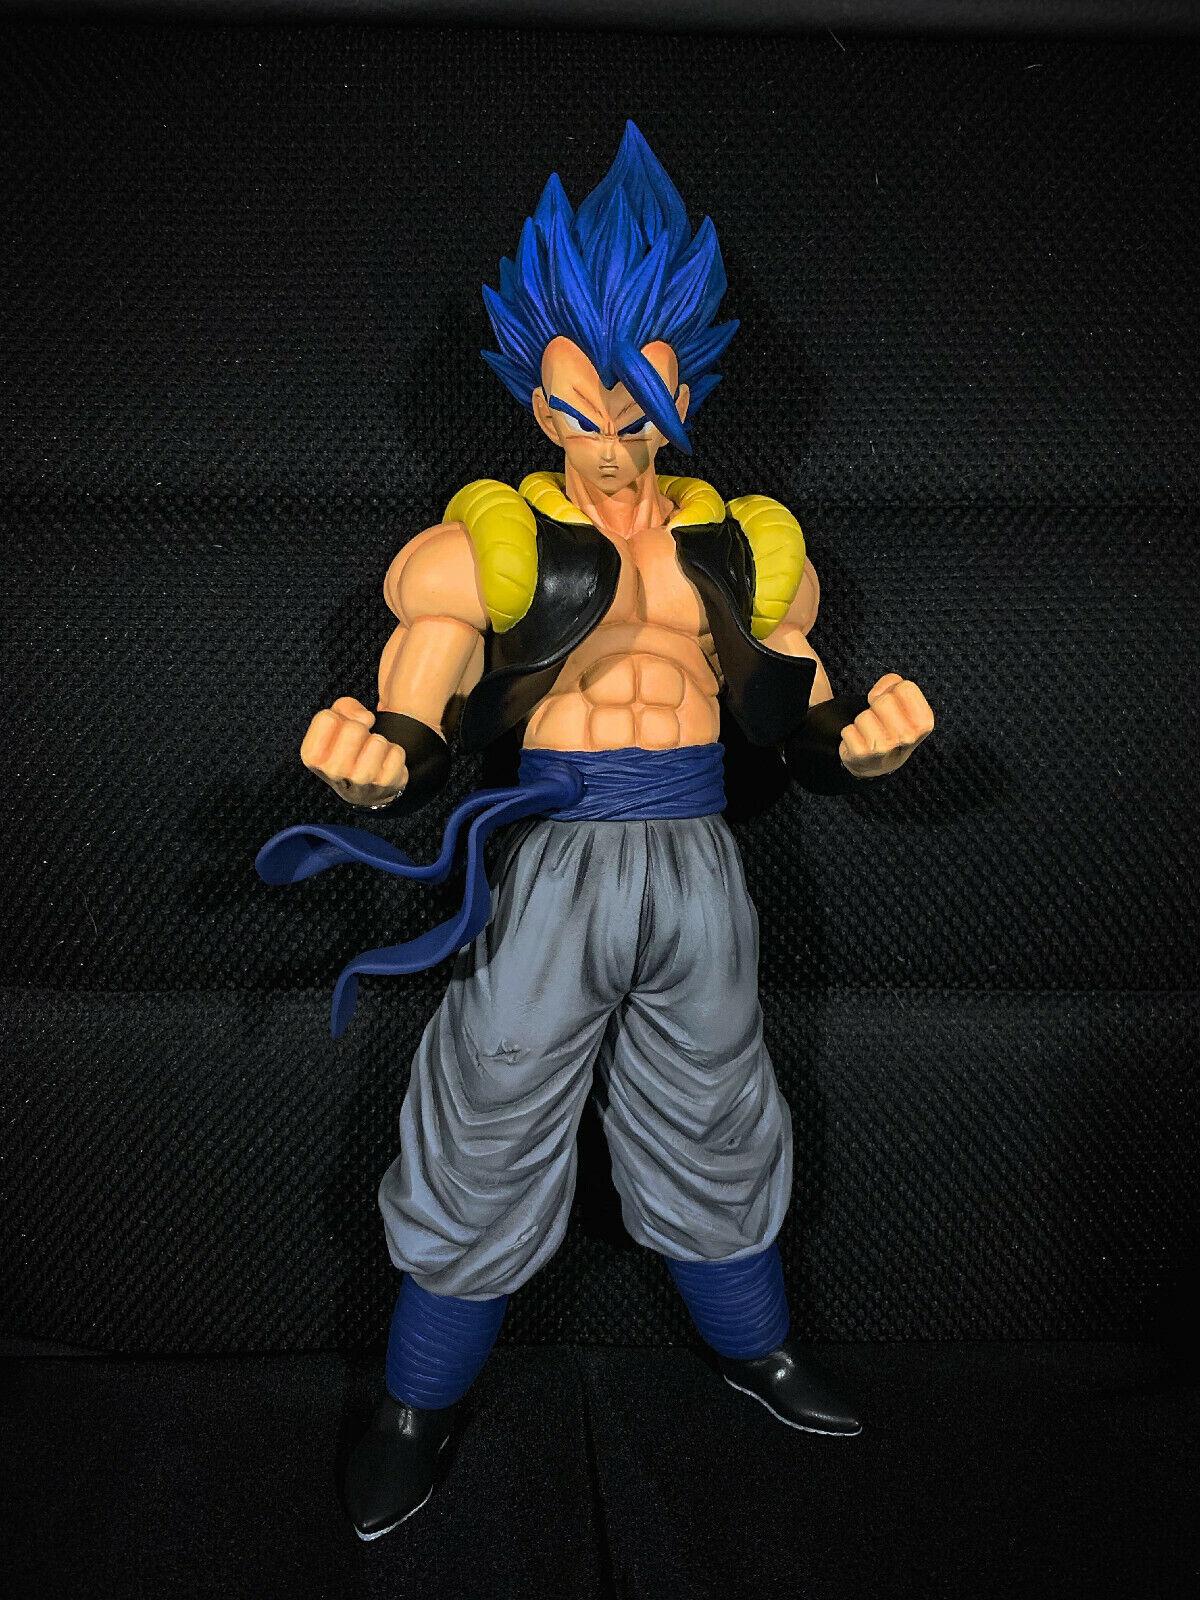 Dragon ball Z DBZ - DB Super - Custom Grandista Gogeta Super Saiyan Blau